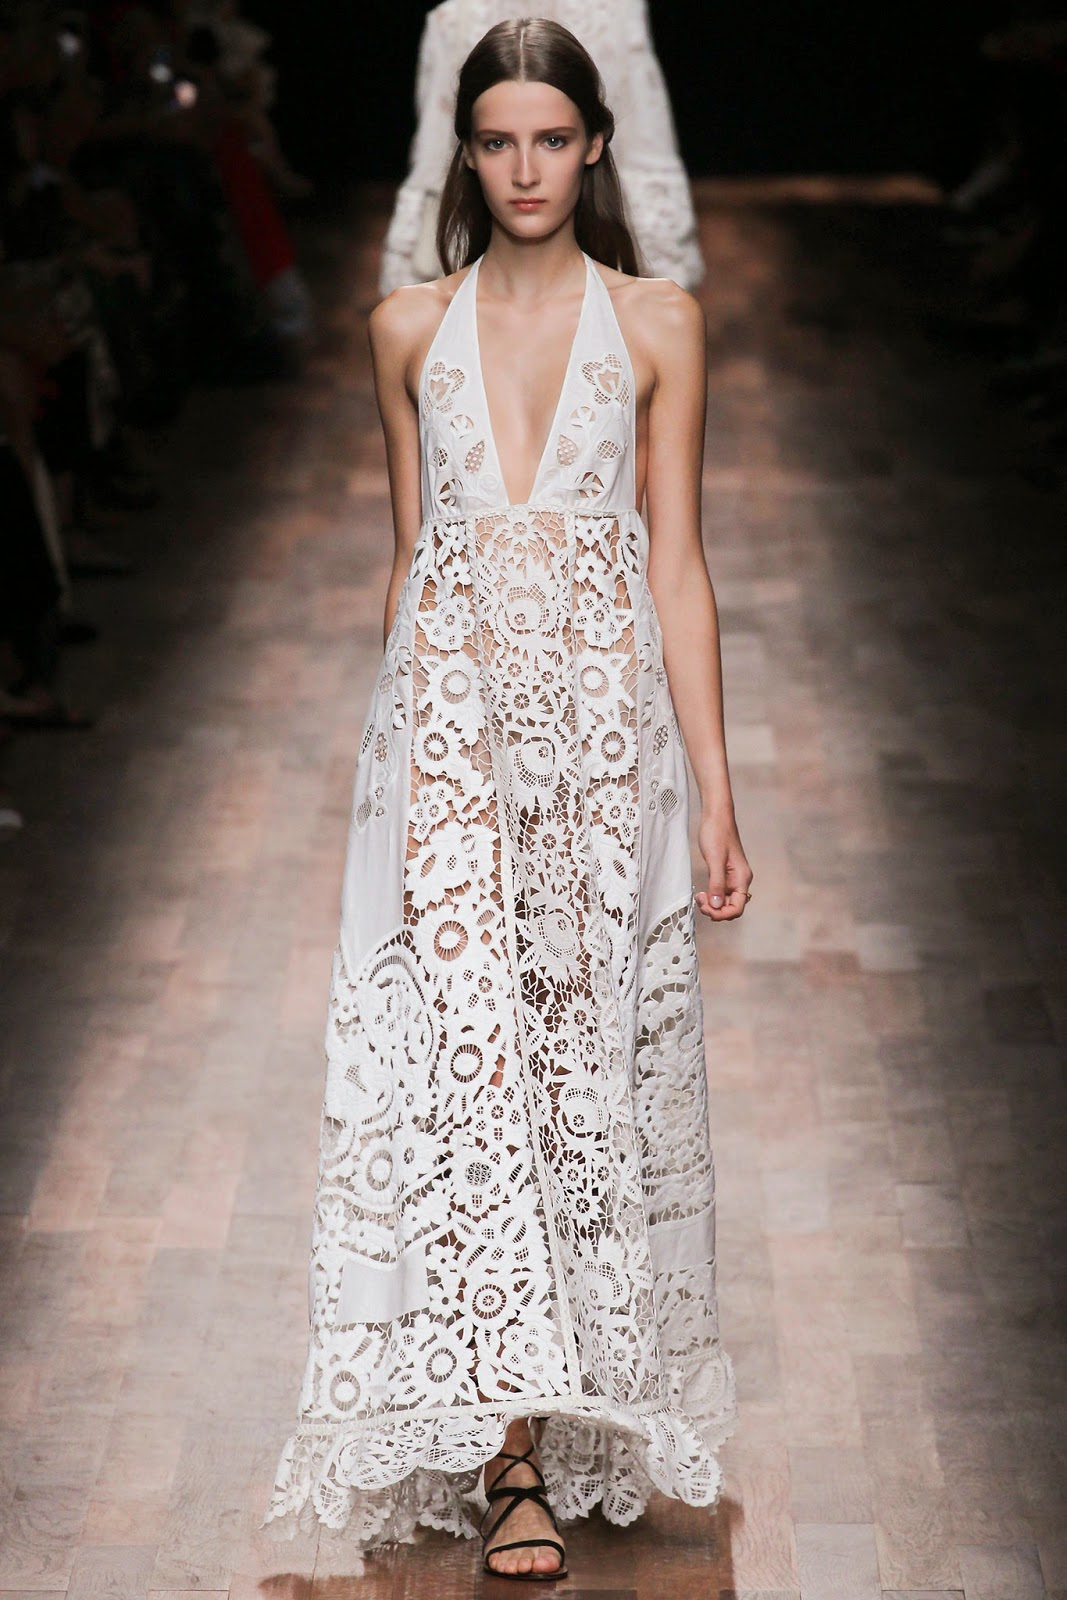 valentino 2015 summer 2016 trend women dress50 Valentino 2015 samling, våren sommaren 2016 Valentino klänning modeller, Valentino kväll klänning nya säsongen kvinnors kjolar modeller